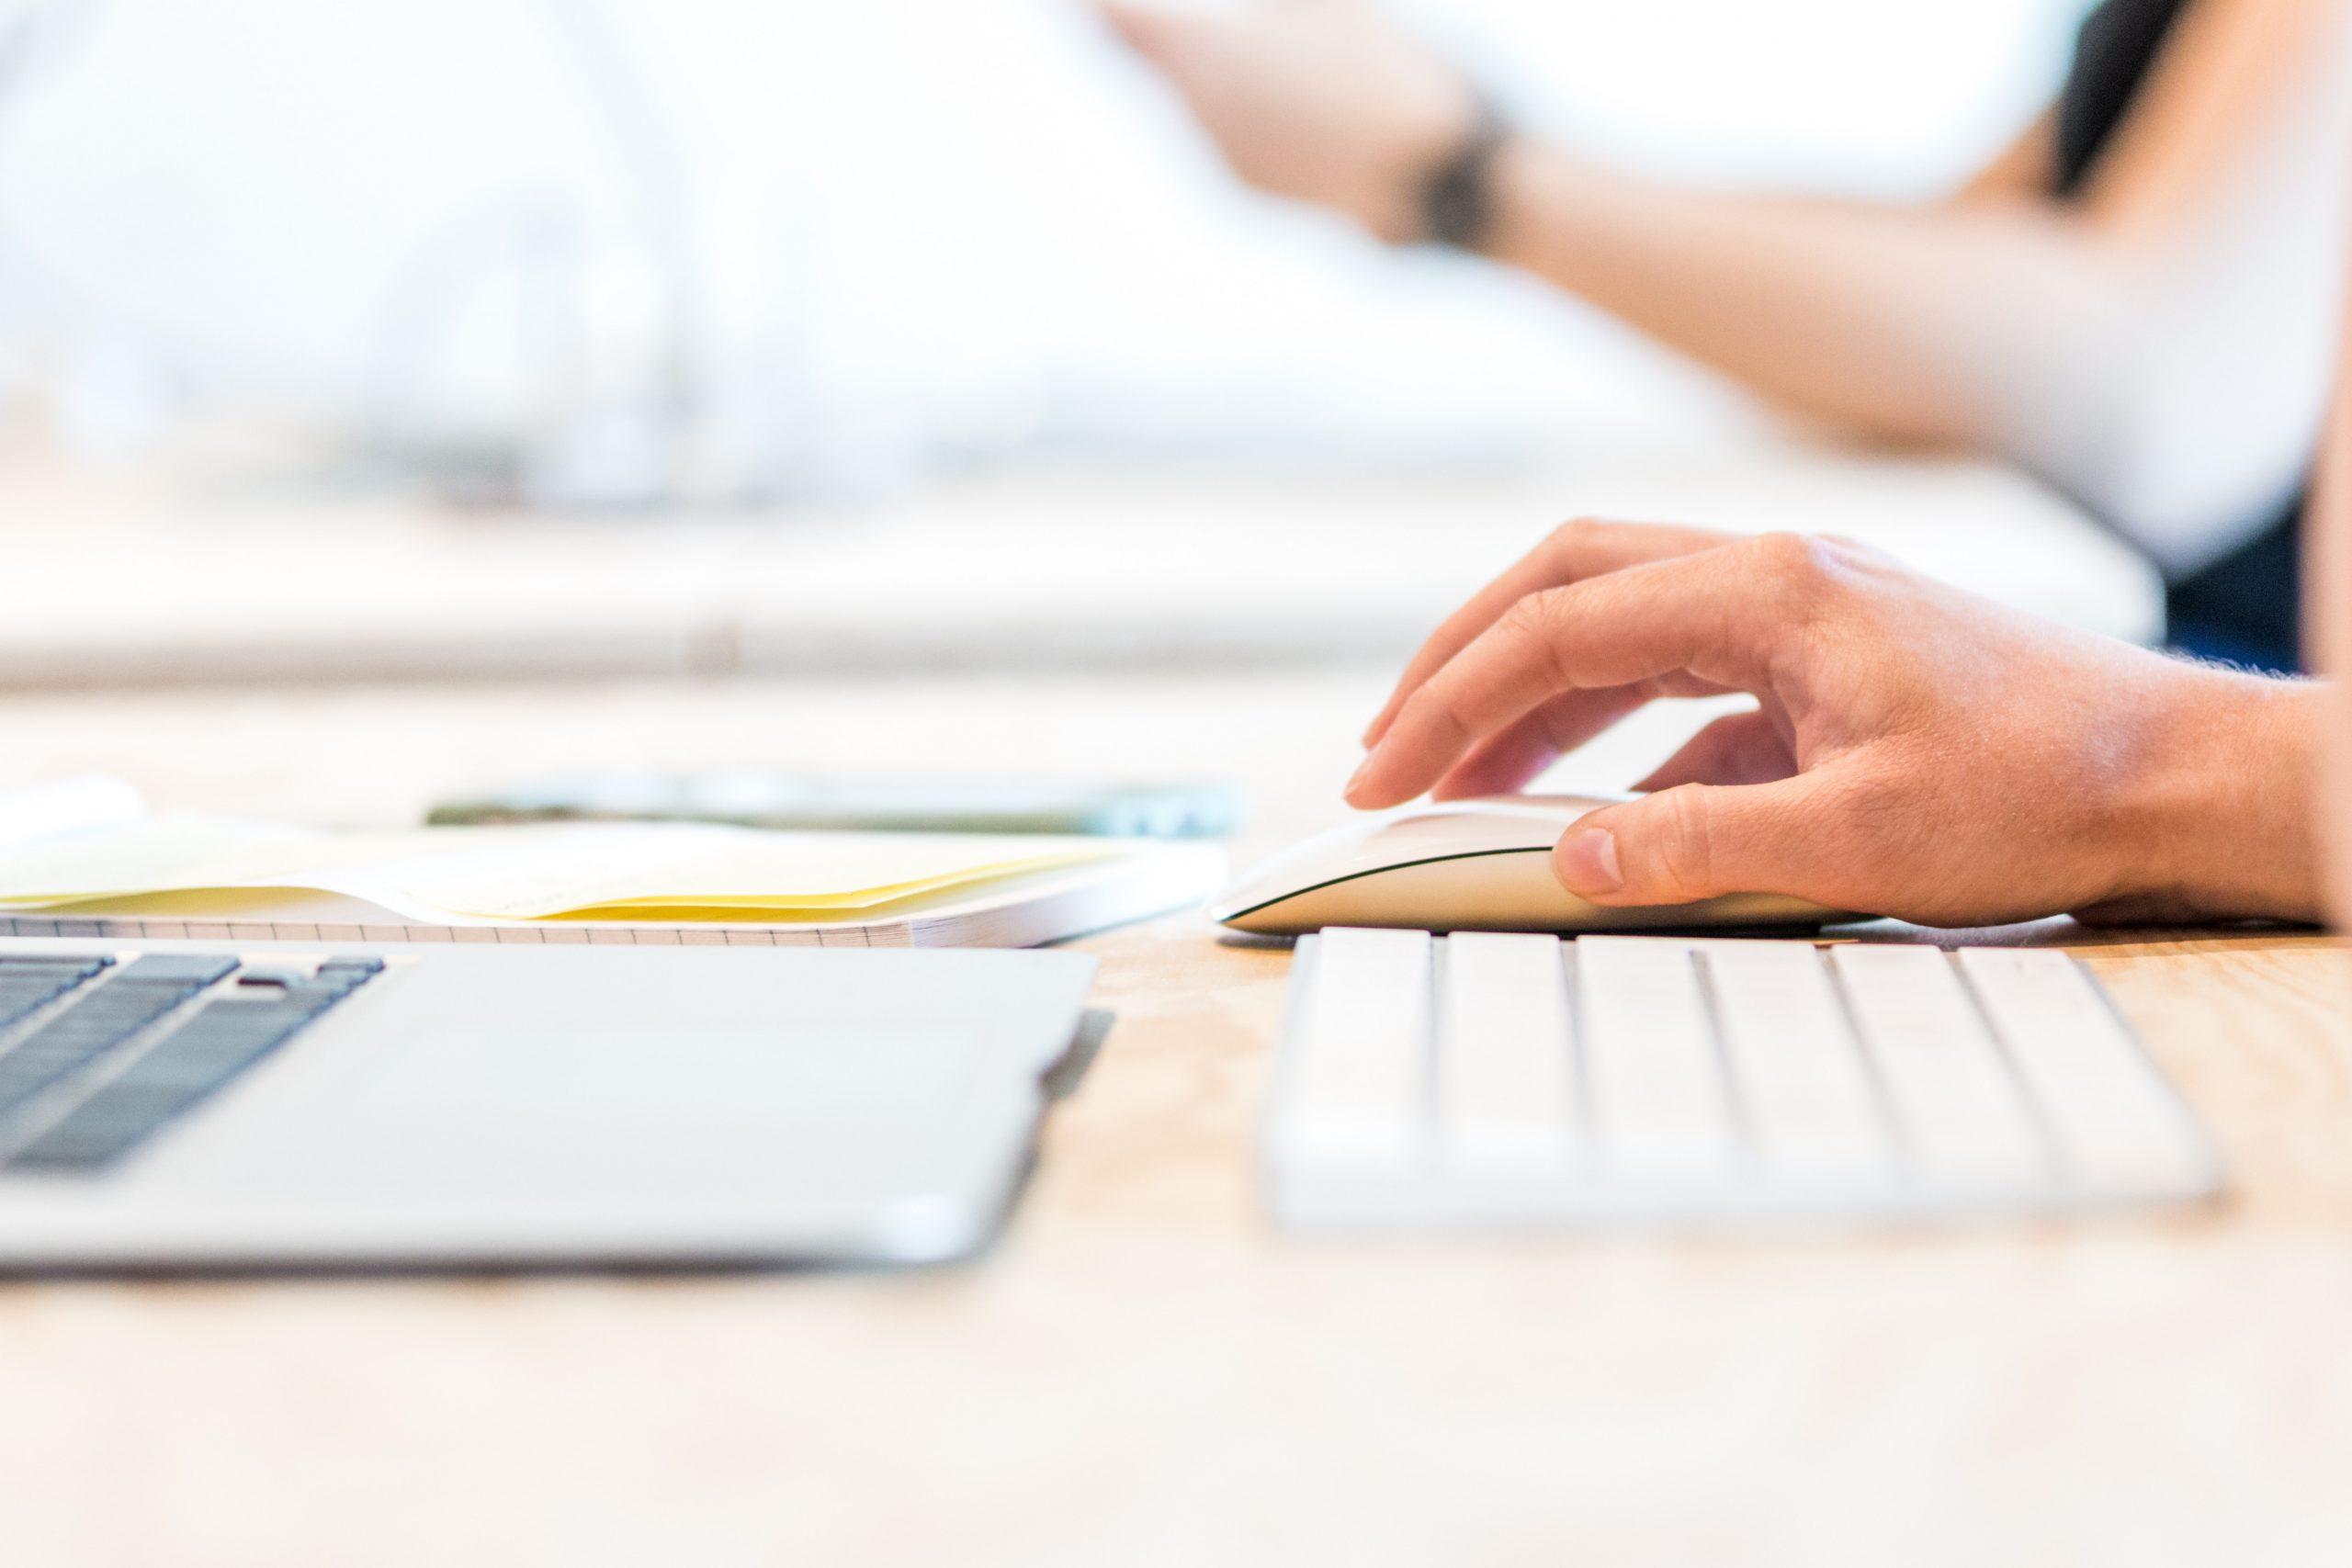 Imagem mostra uma pessoa usando teclado e mouse sem fio com um MacBook.